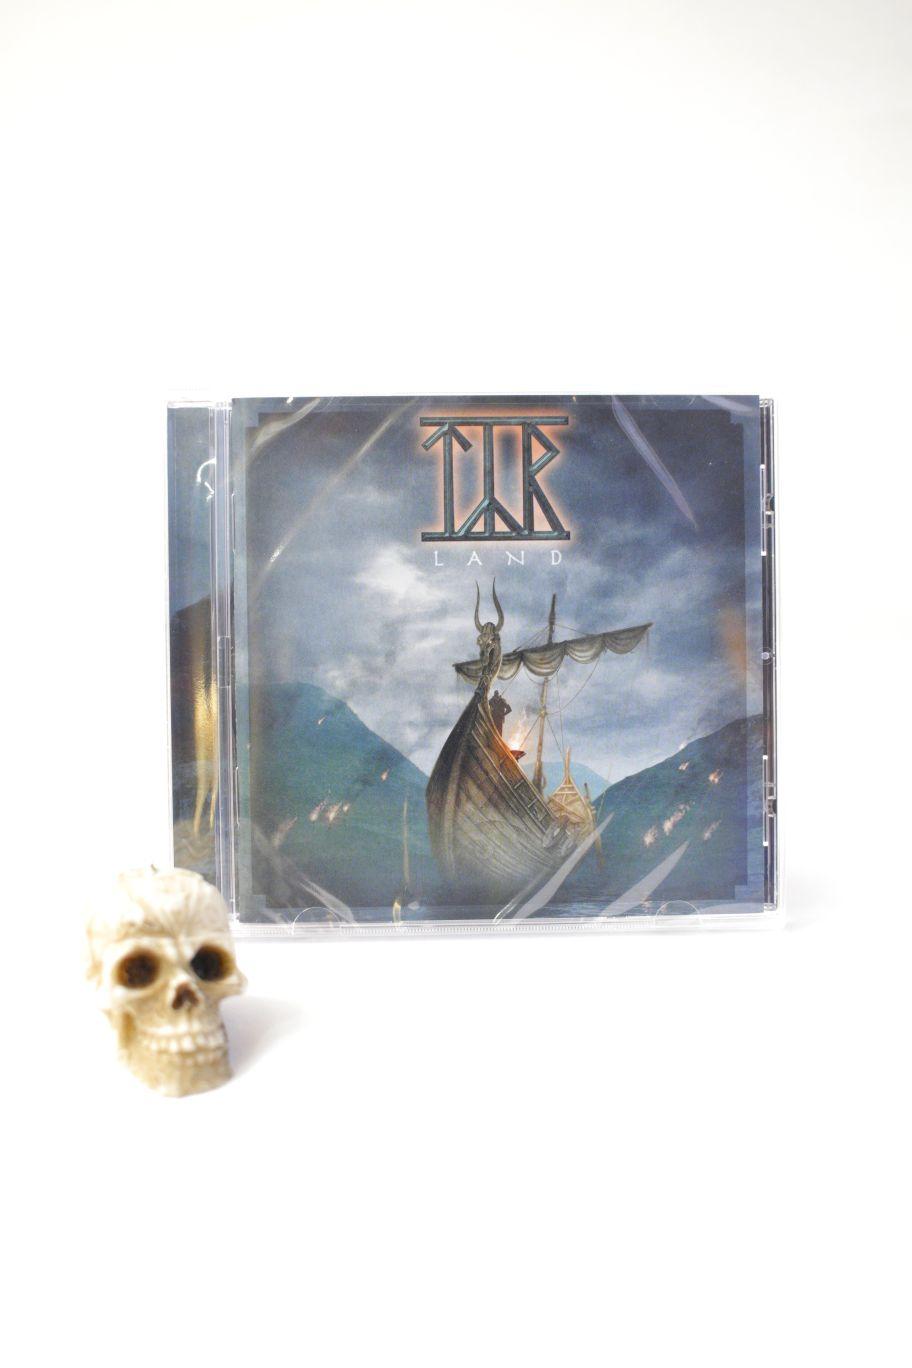 CD TYR LAND